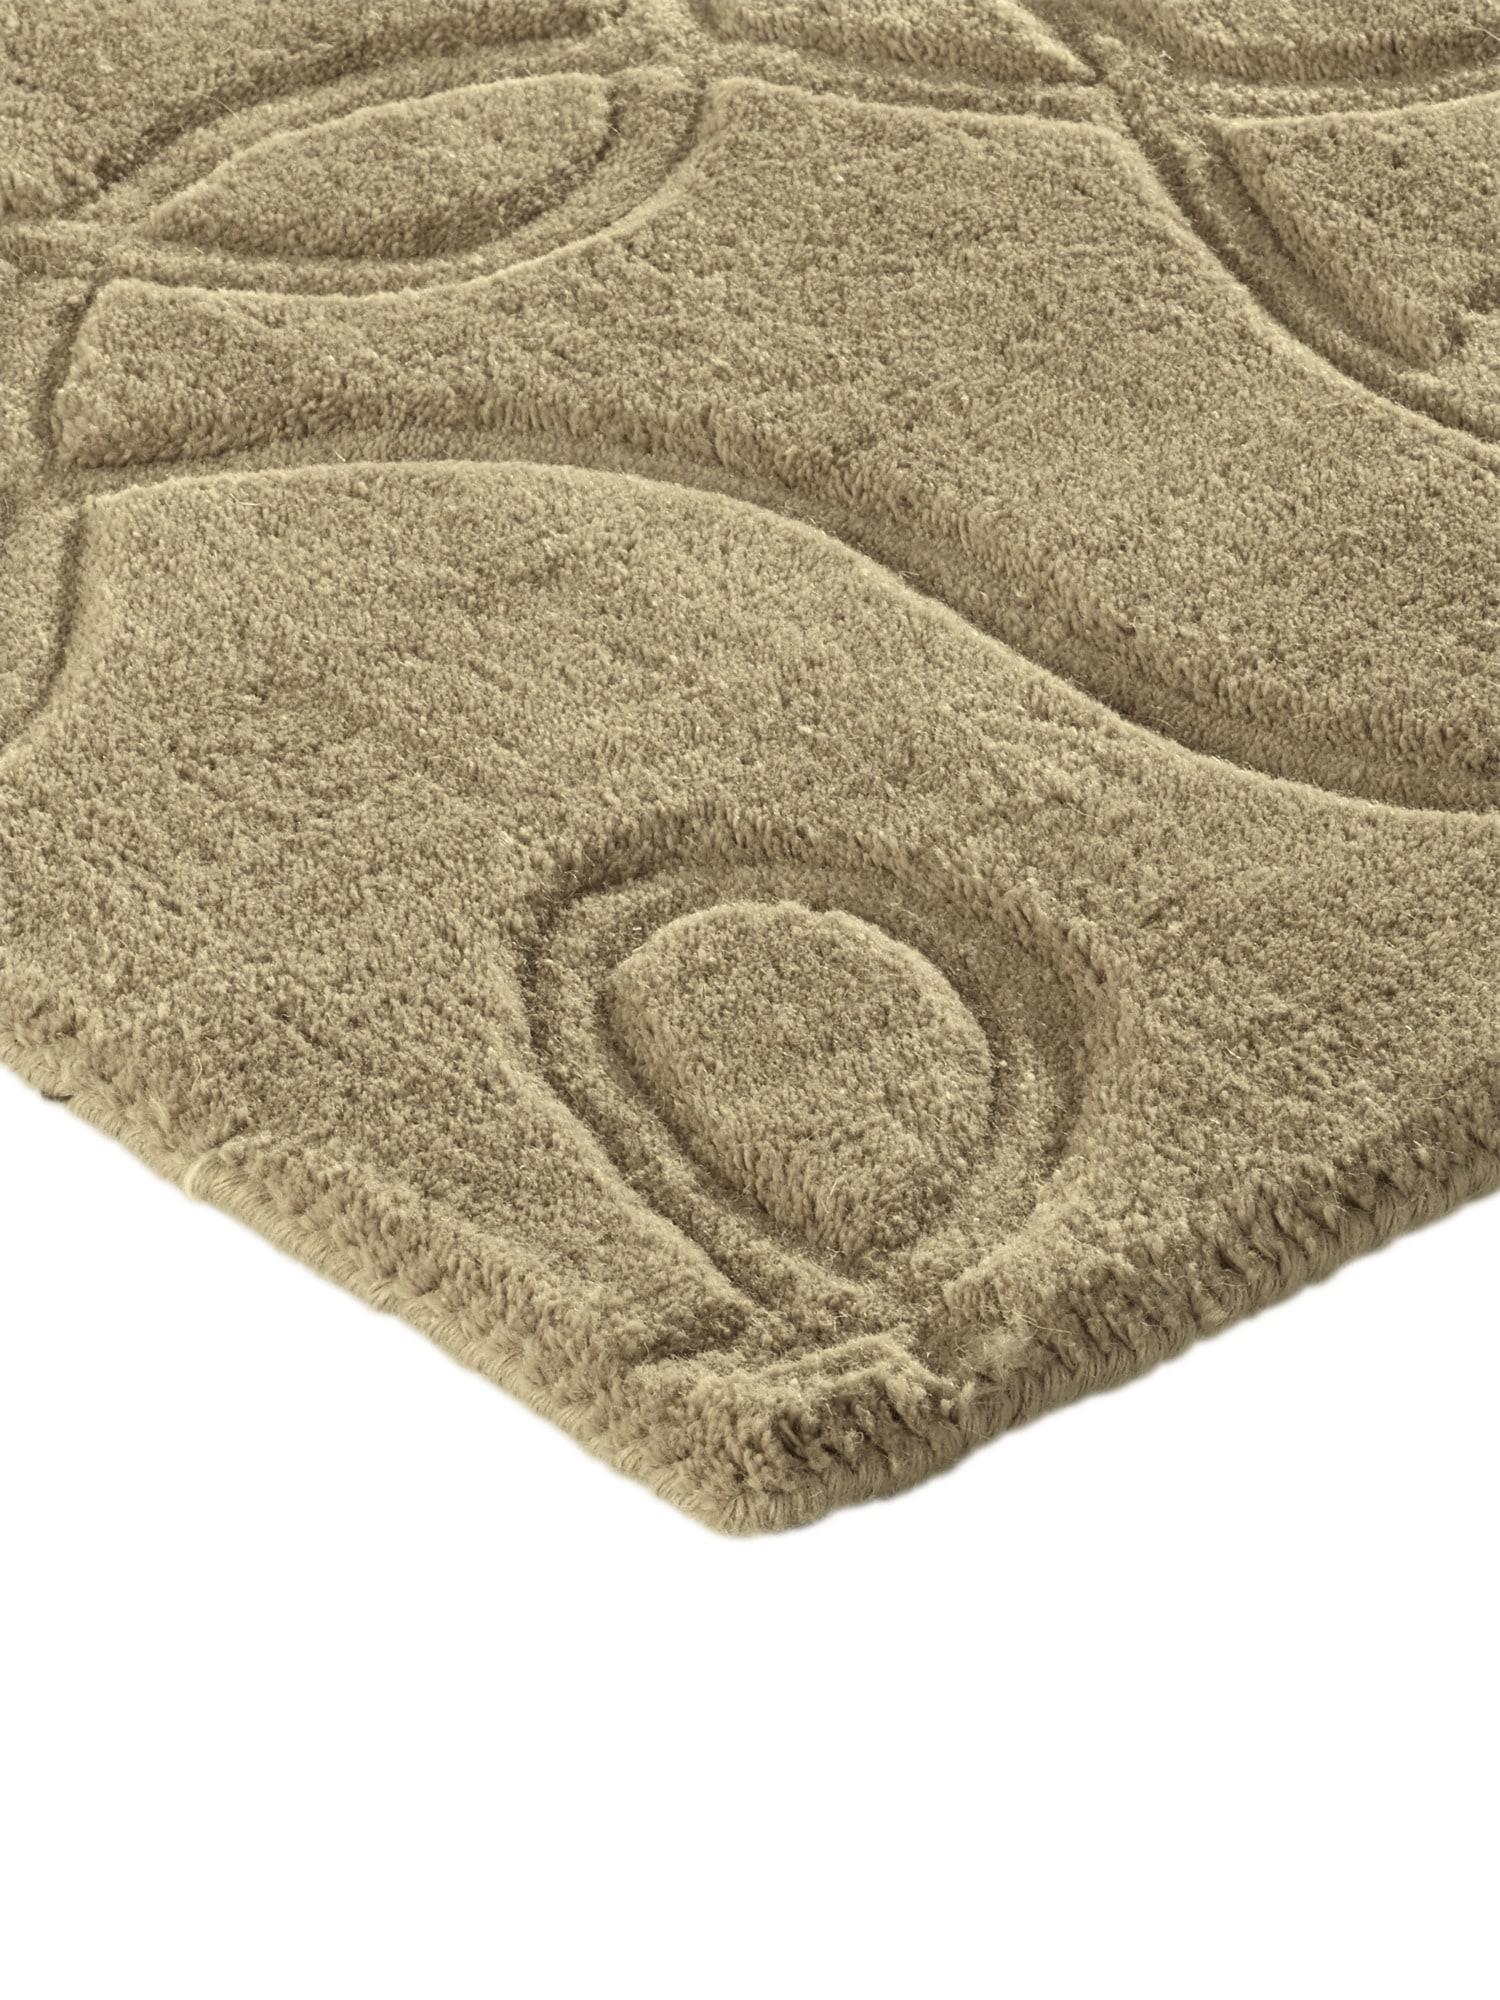 heine home Teppich effekvoller Konturenschnitt